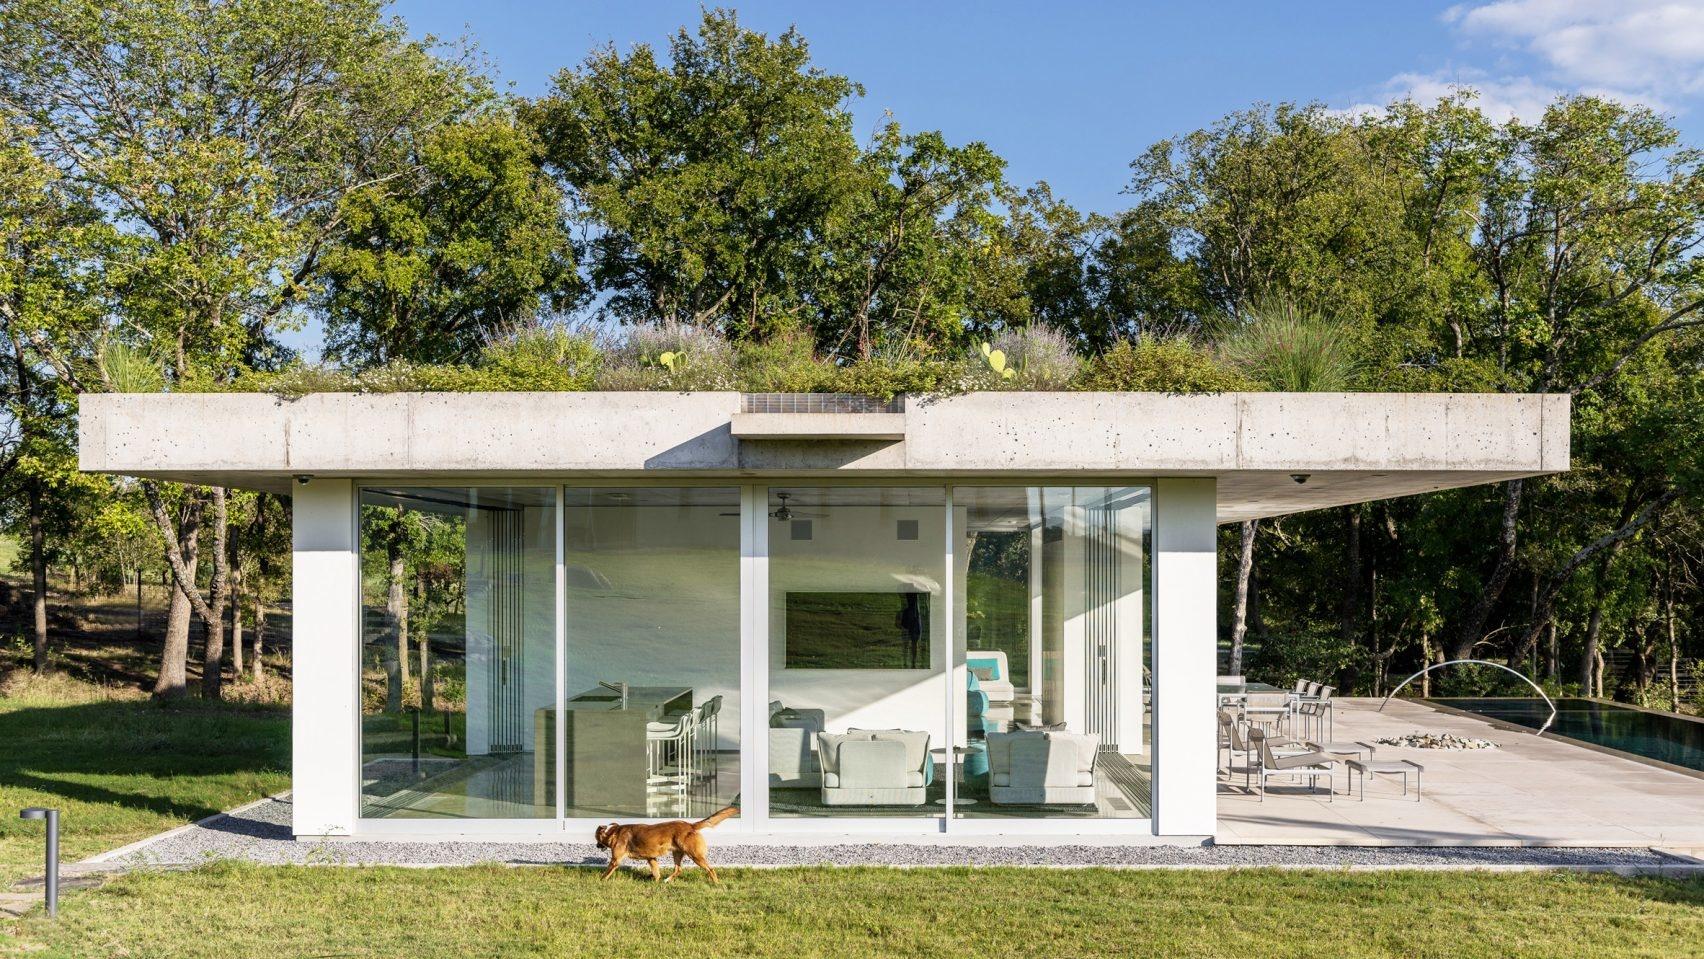 Пятый фасад: зеленые крыши (галерея 11, фото 2)